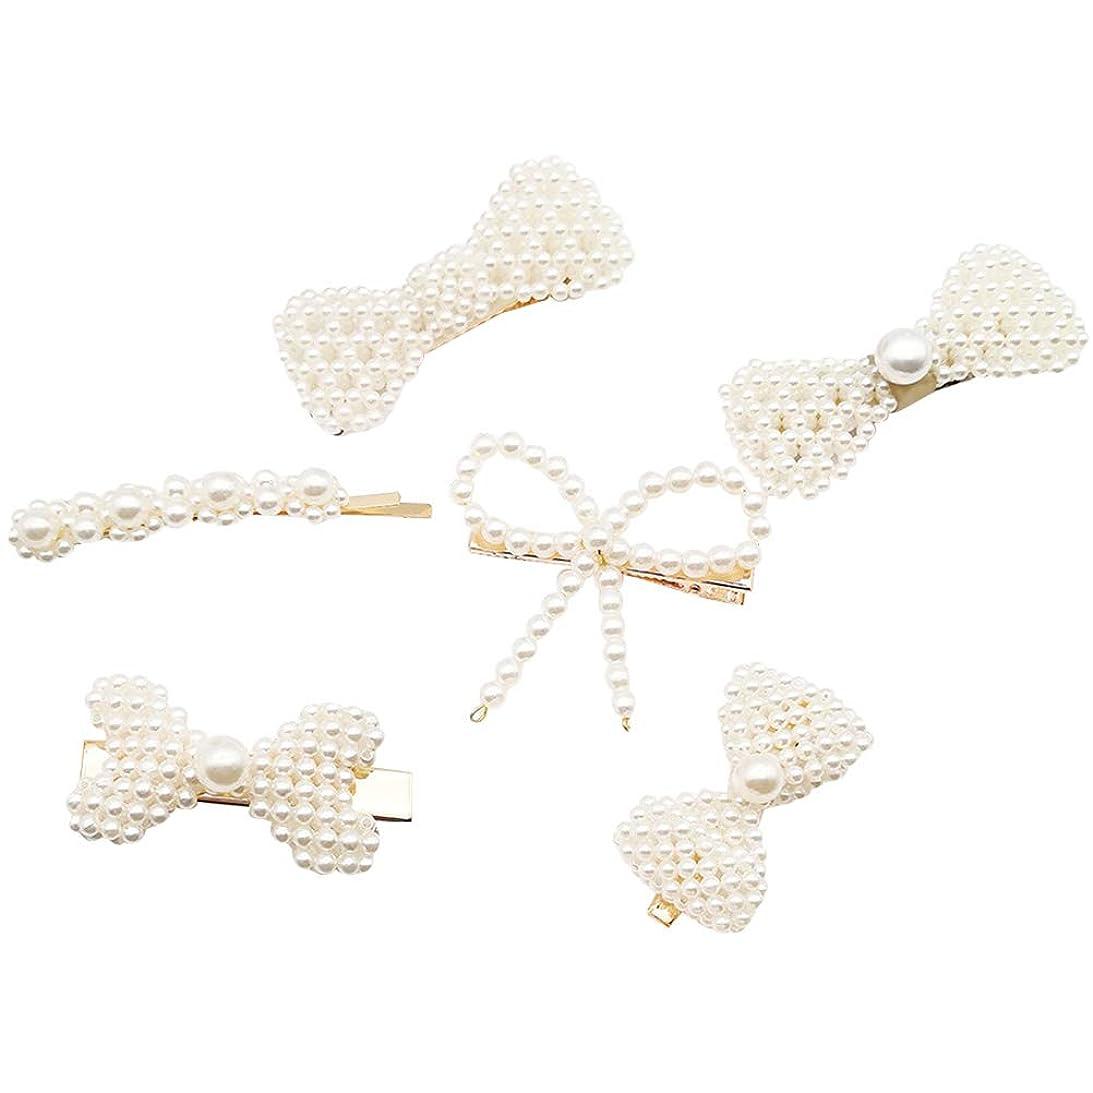 シェフハシー報奨金LURROSE 女性と女の子のための6本の人造真珠のヘアクリップちょう結びのバレットボビーピンヘアピン